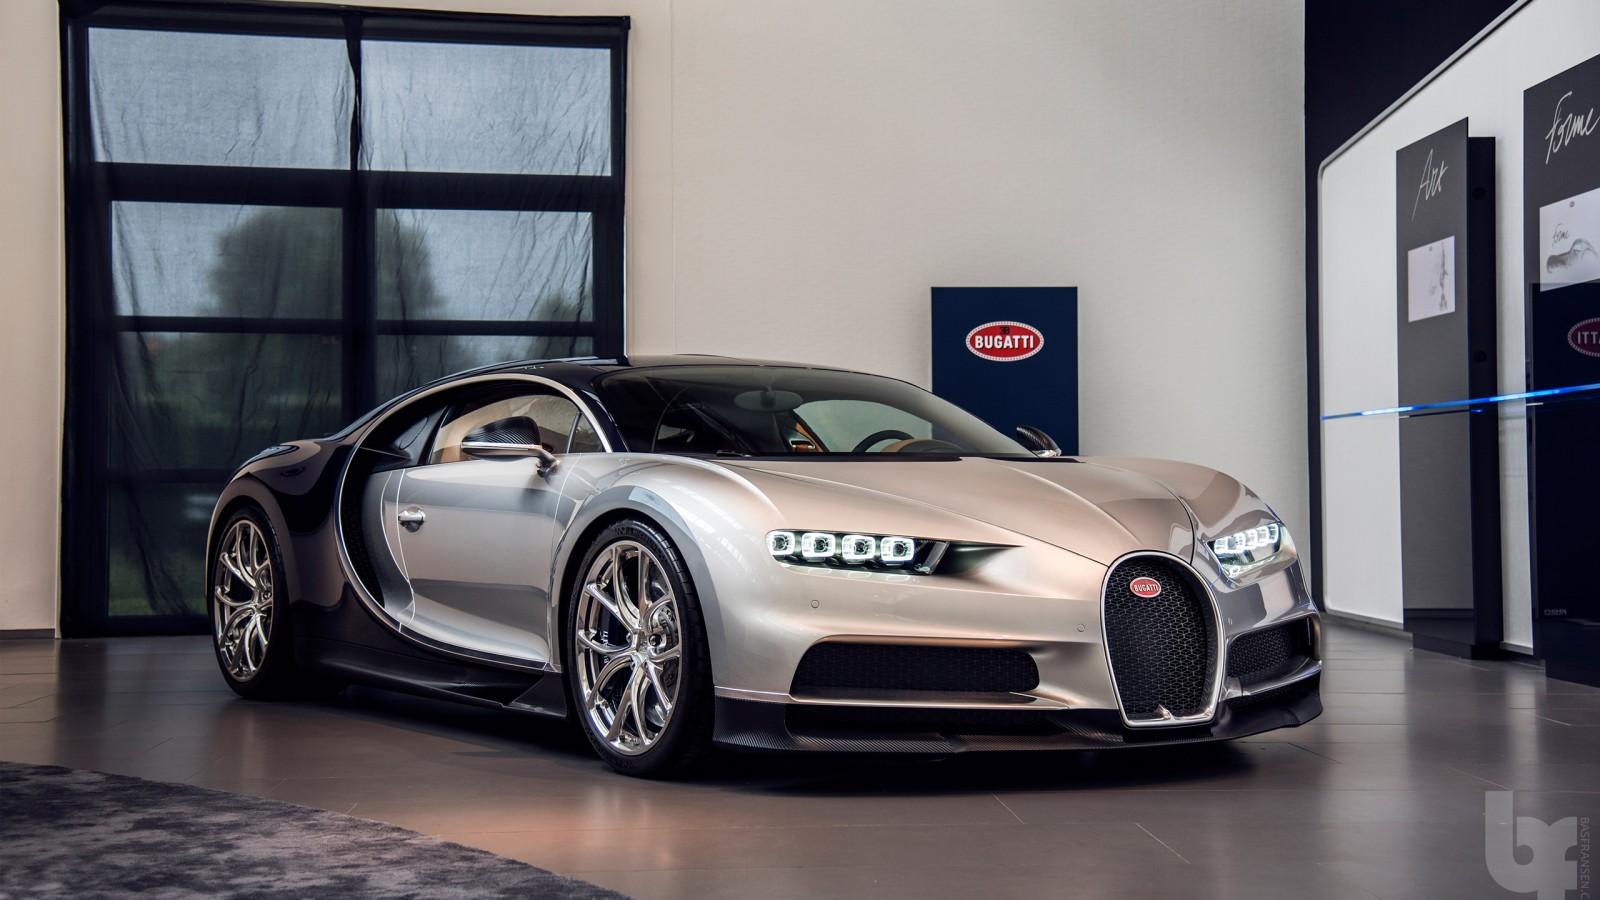 Bugatti Chiron Most Expensive Car